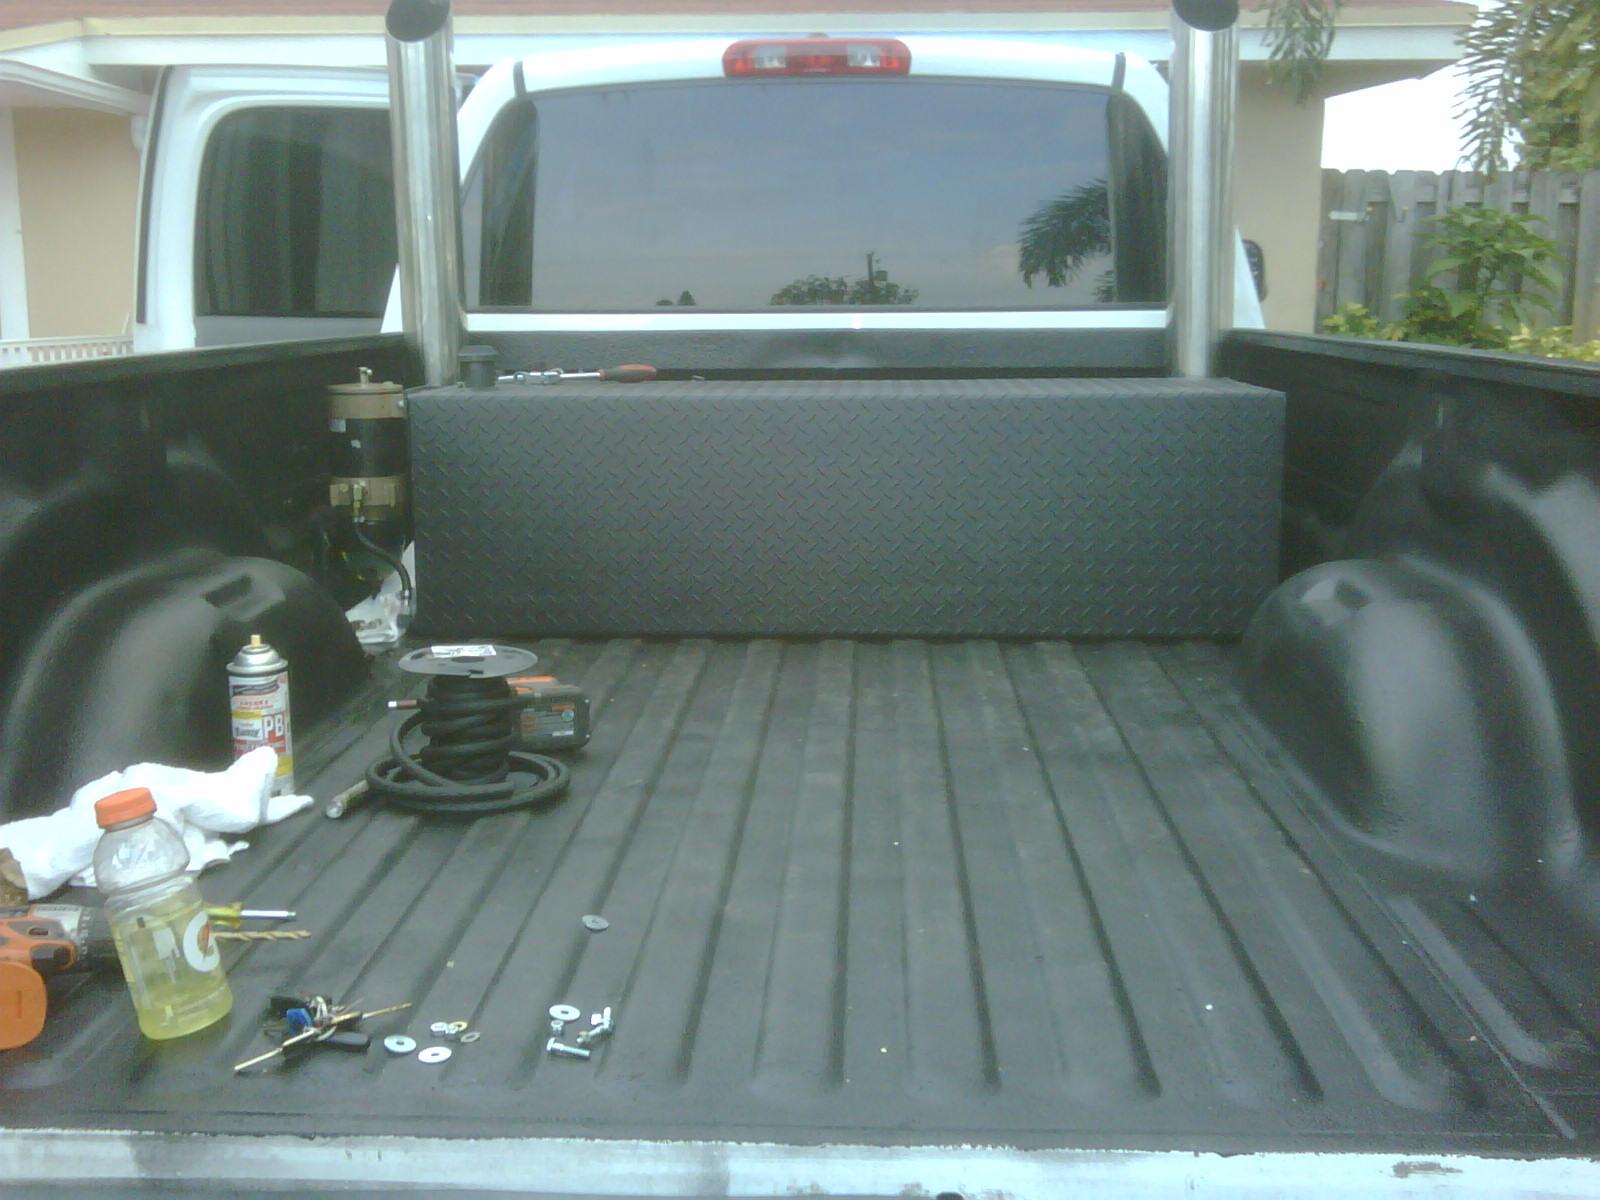 Spray Bed Liner >> Dupli-Color Roll on bed liner - Dodge Cummins Diesel Forum